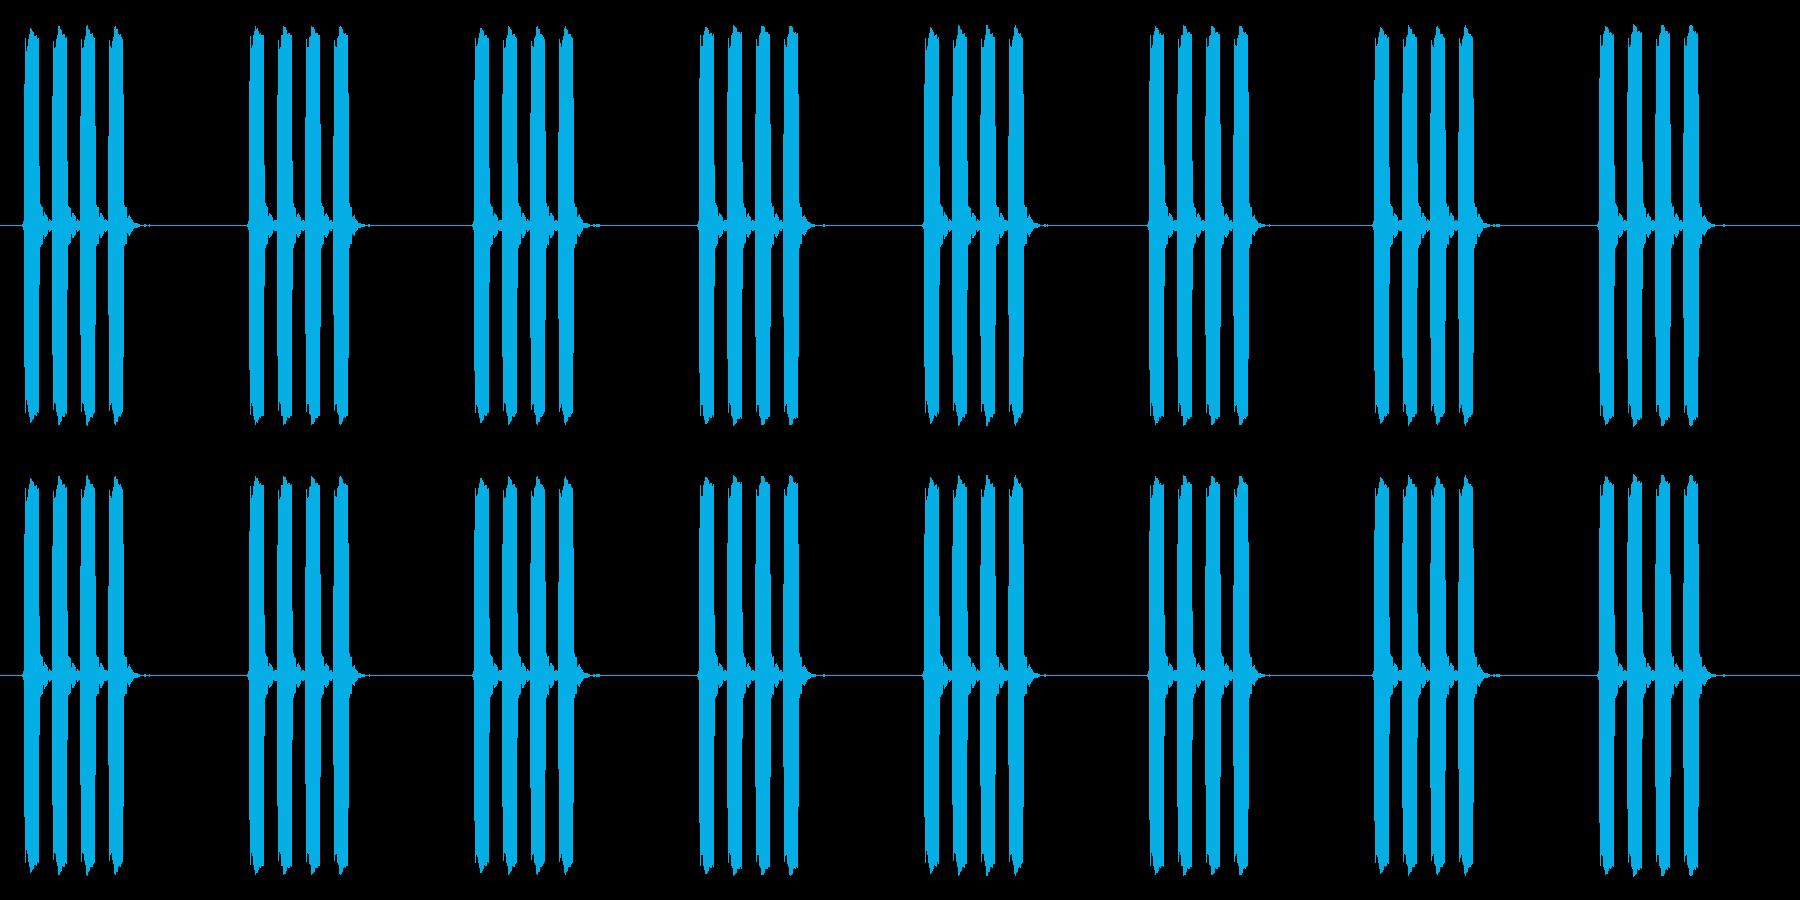 時計 アラーム03-01(ループ)の再生済みの波形